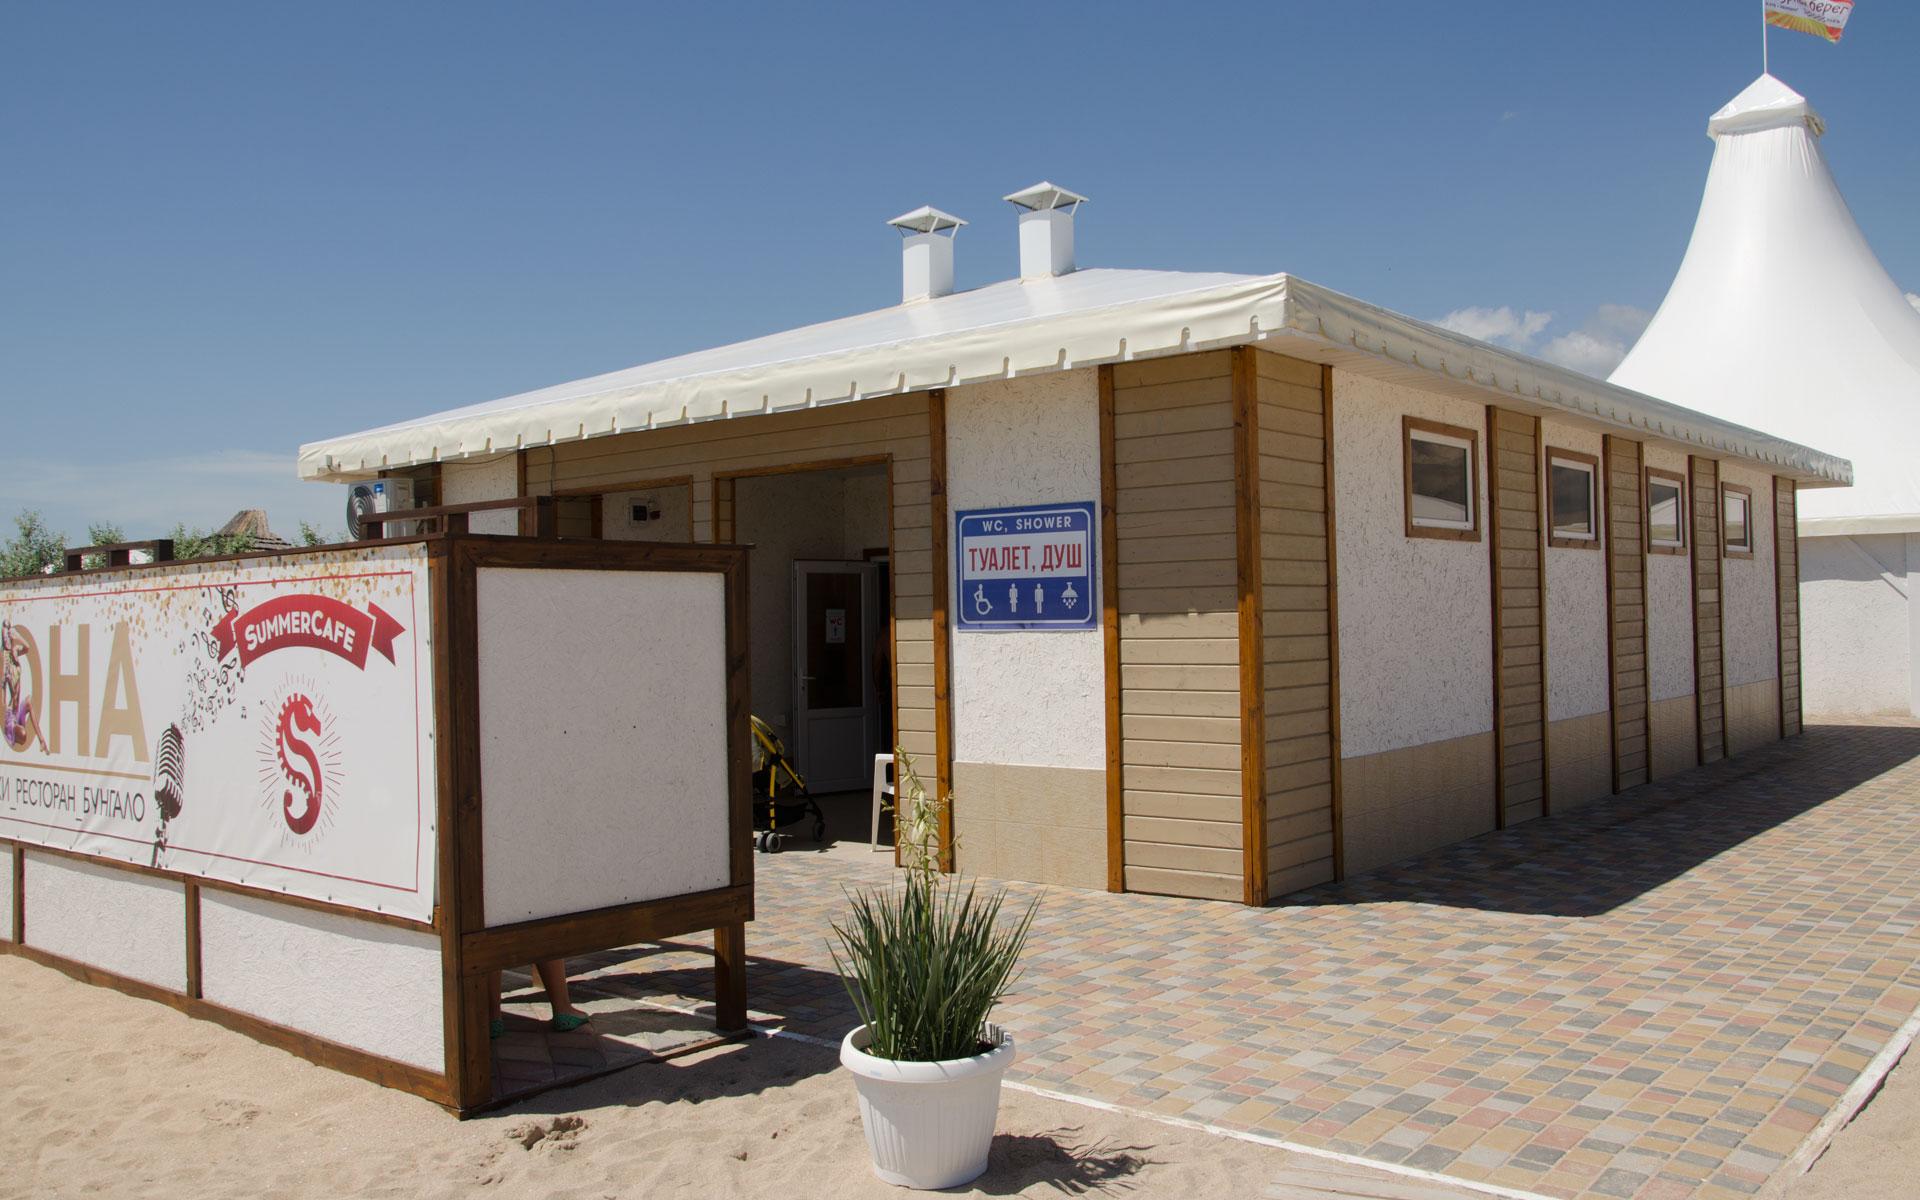 Душ, туалет на пляже 2019. Фото Евпатории